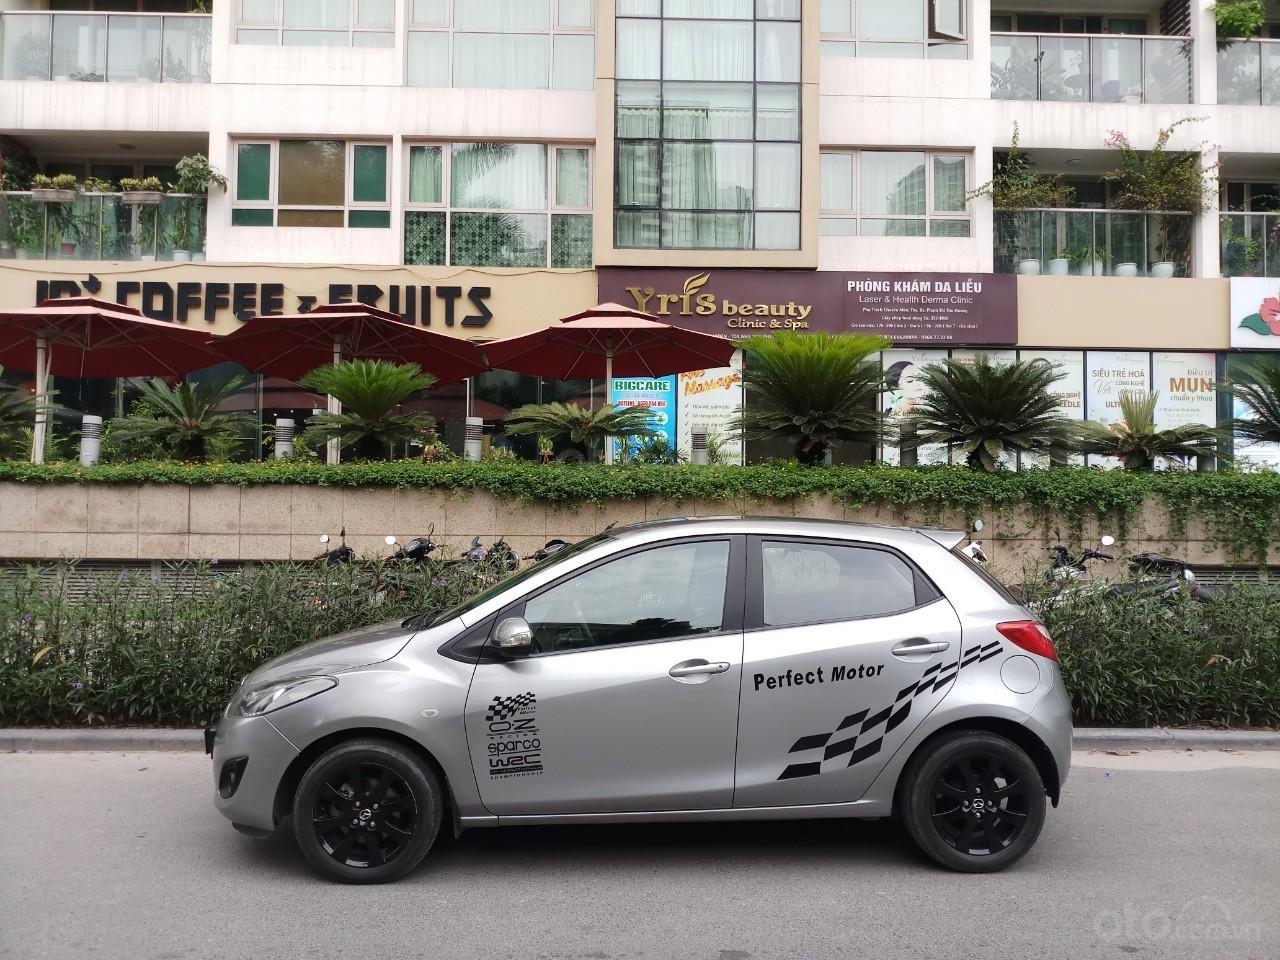 Ô Tô Thủ Đô bán xe Mazda 2 1.5L sản xuất 2013 màu bạc, 335 triệu (2)